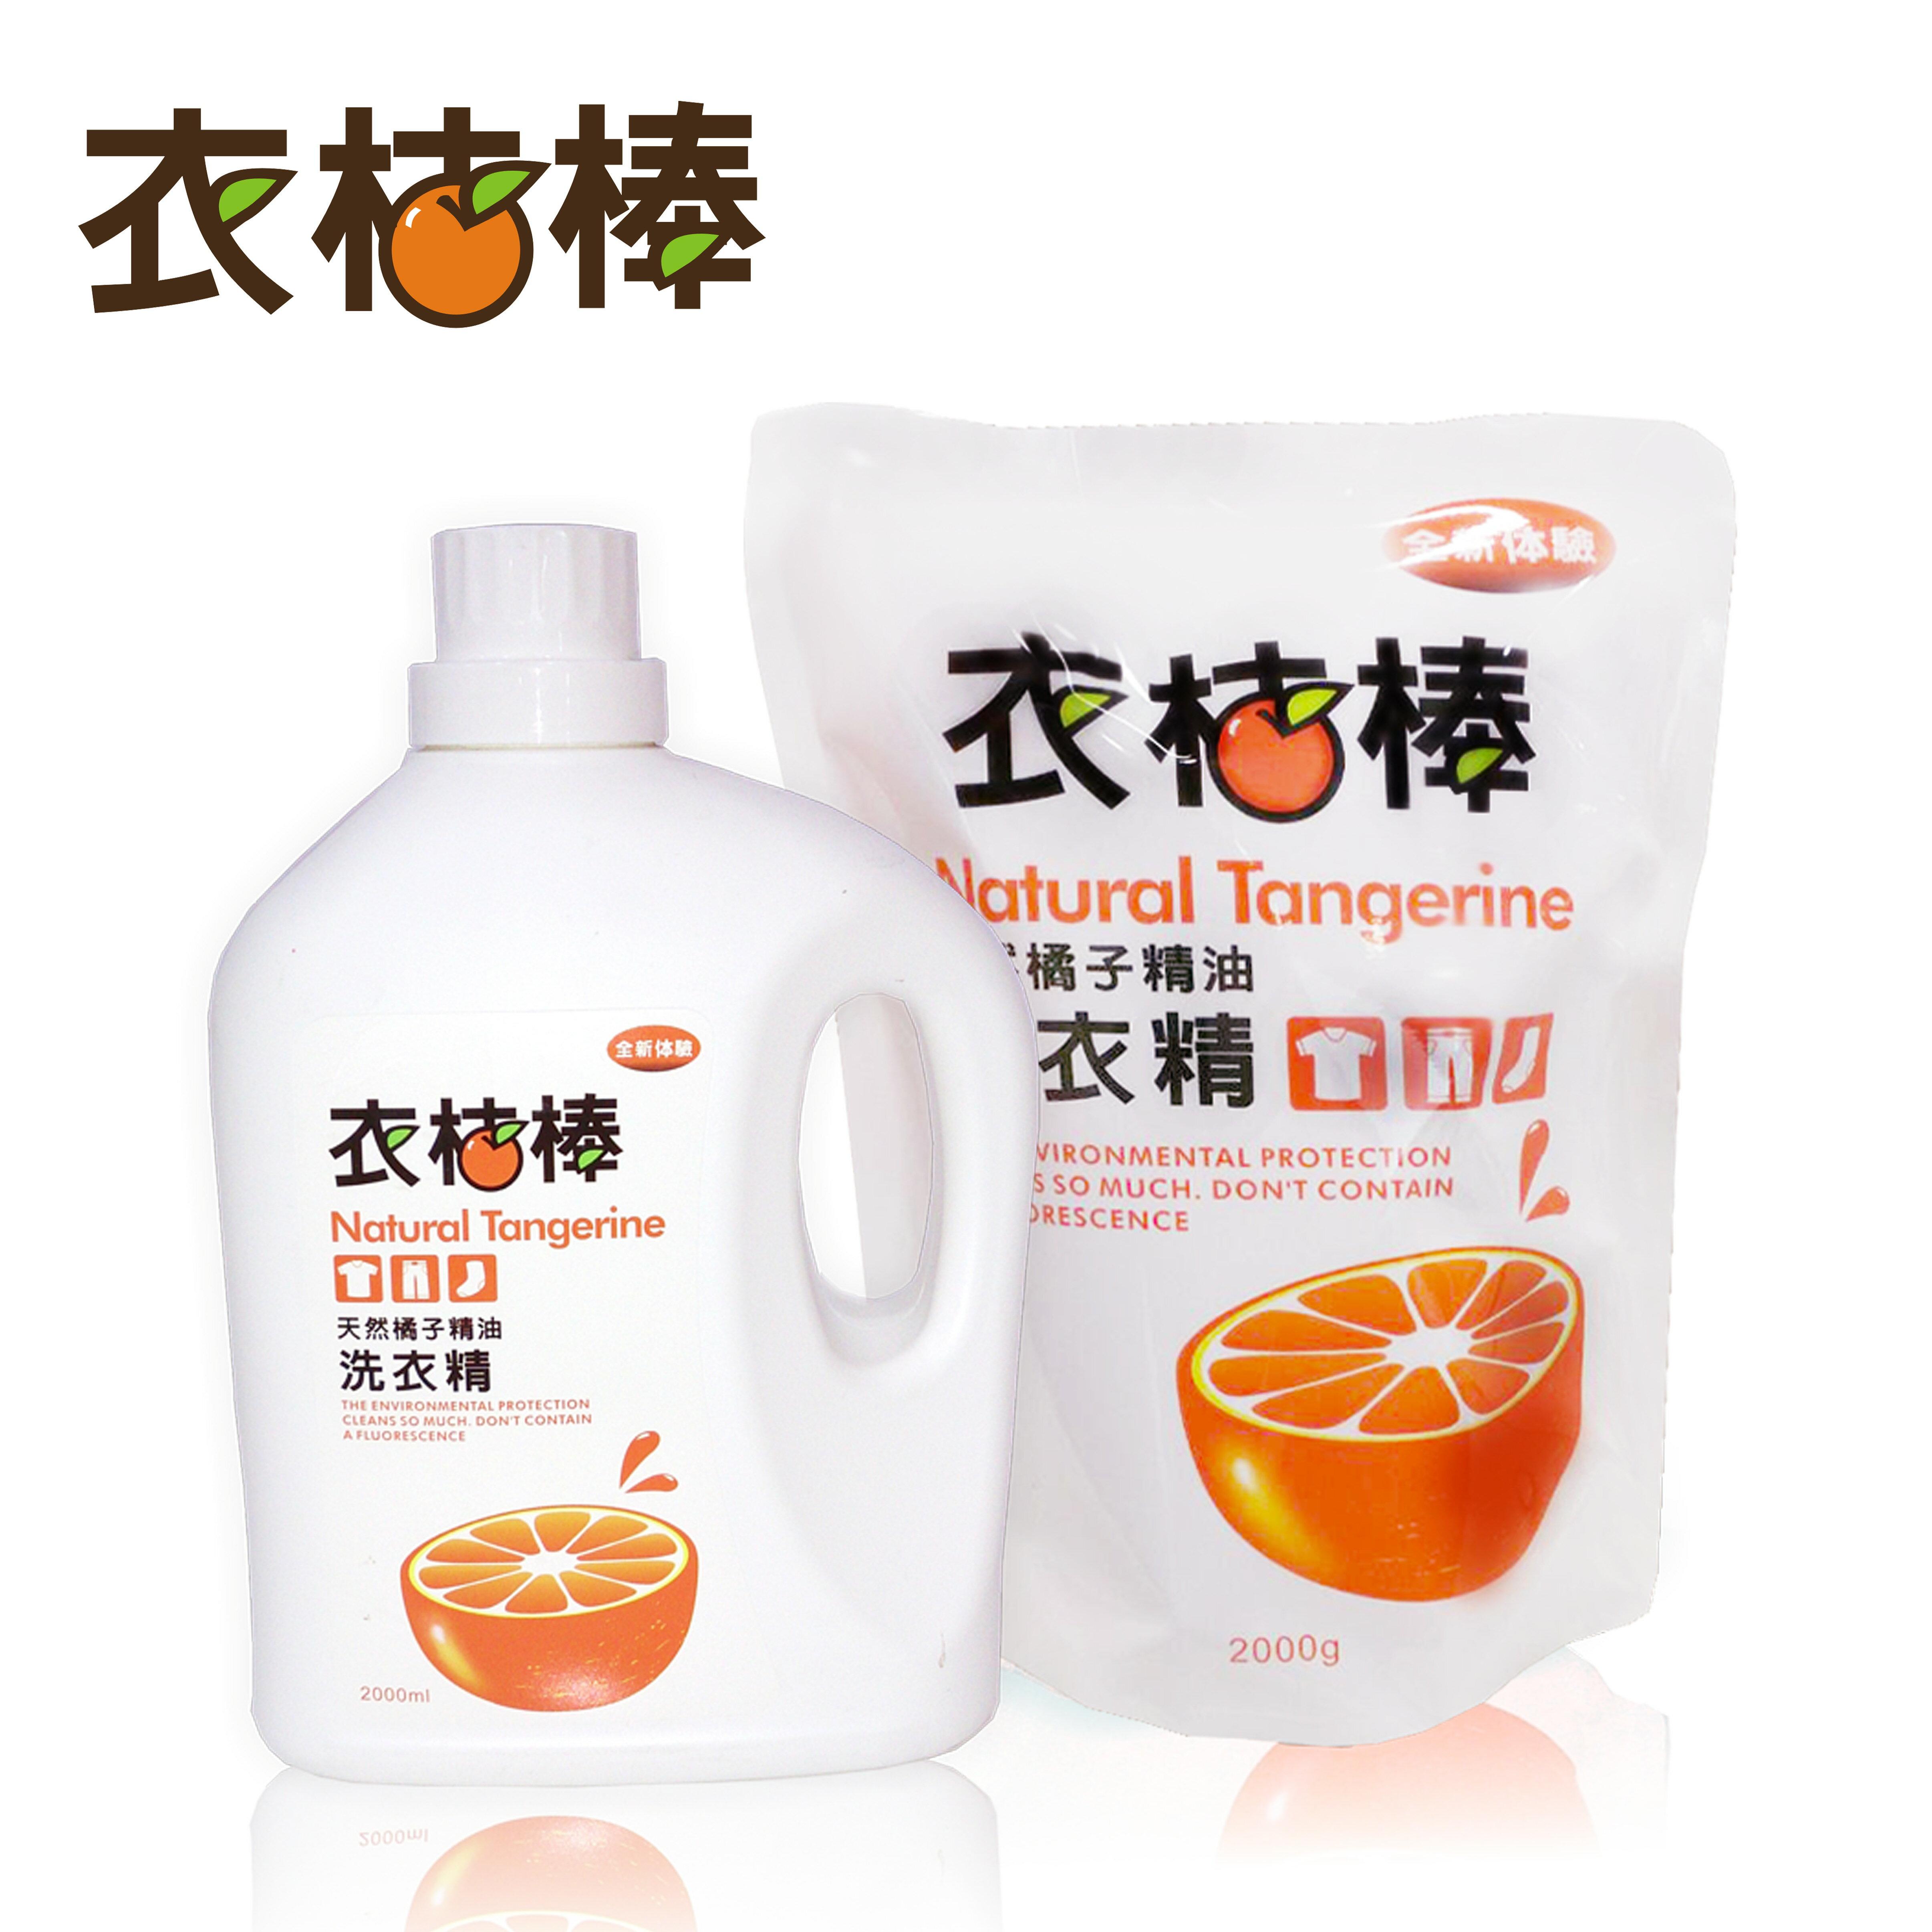 【衣桔棒】天然冷壓橘油洗衣精5入小資家庭組